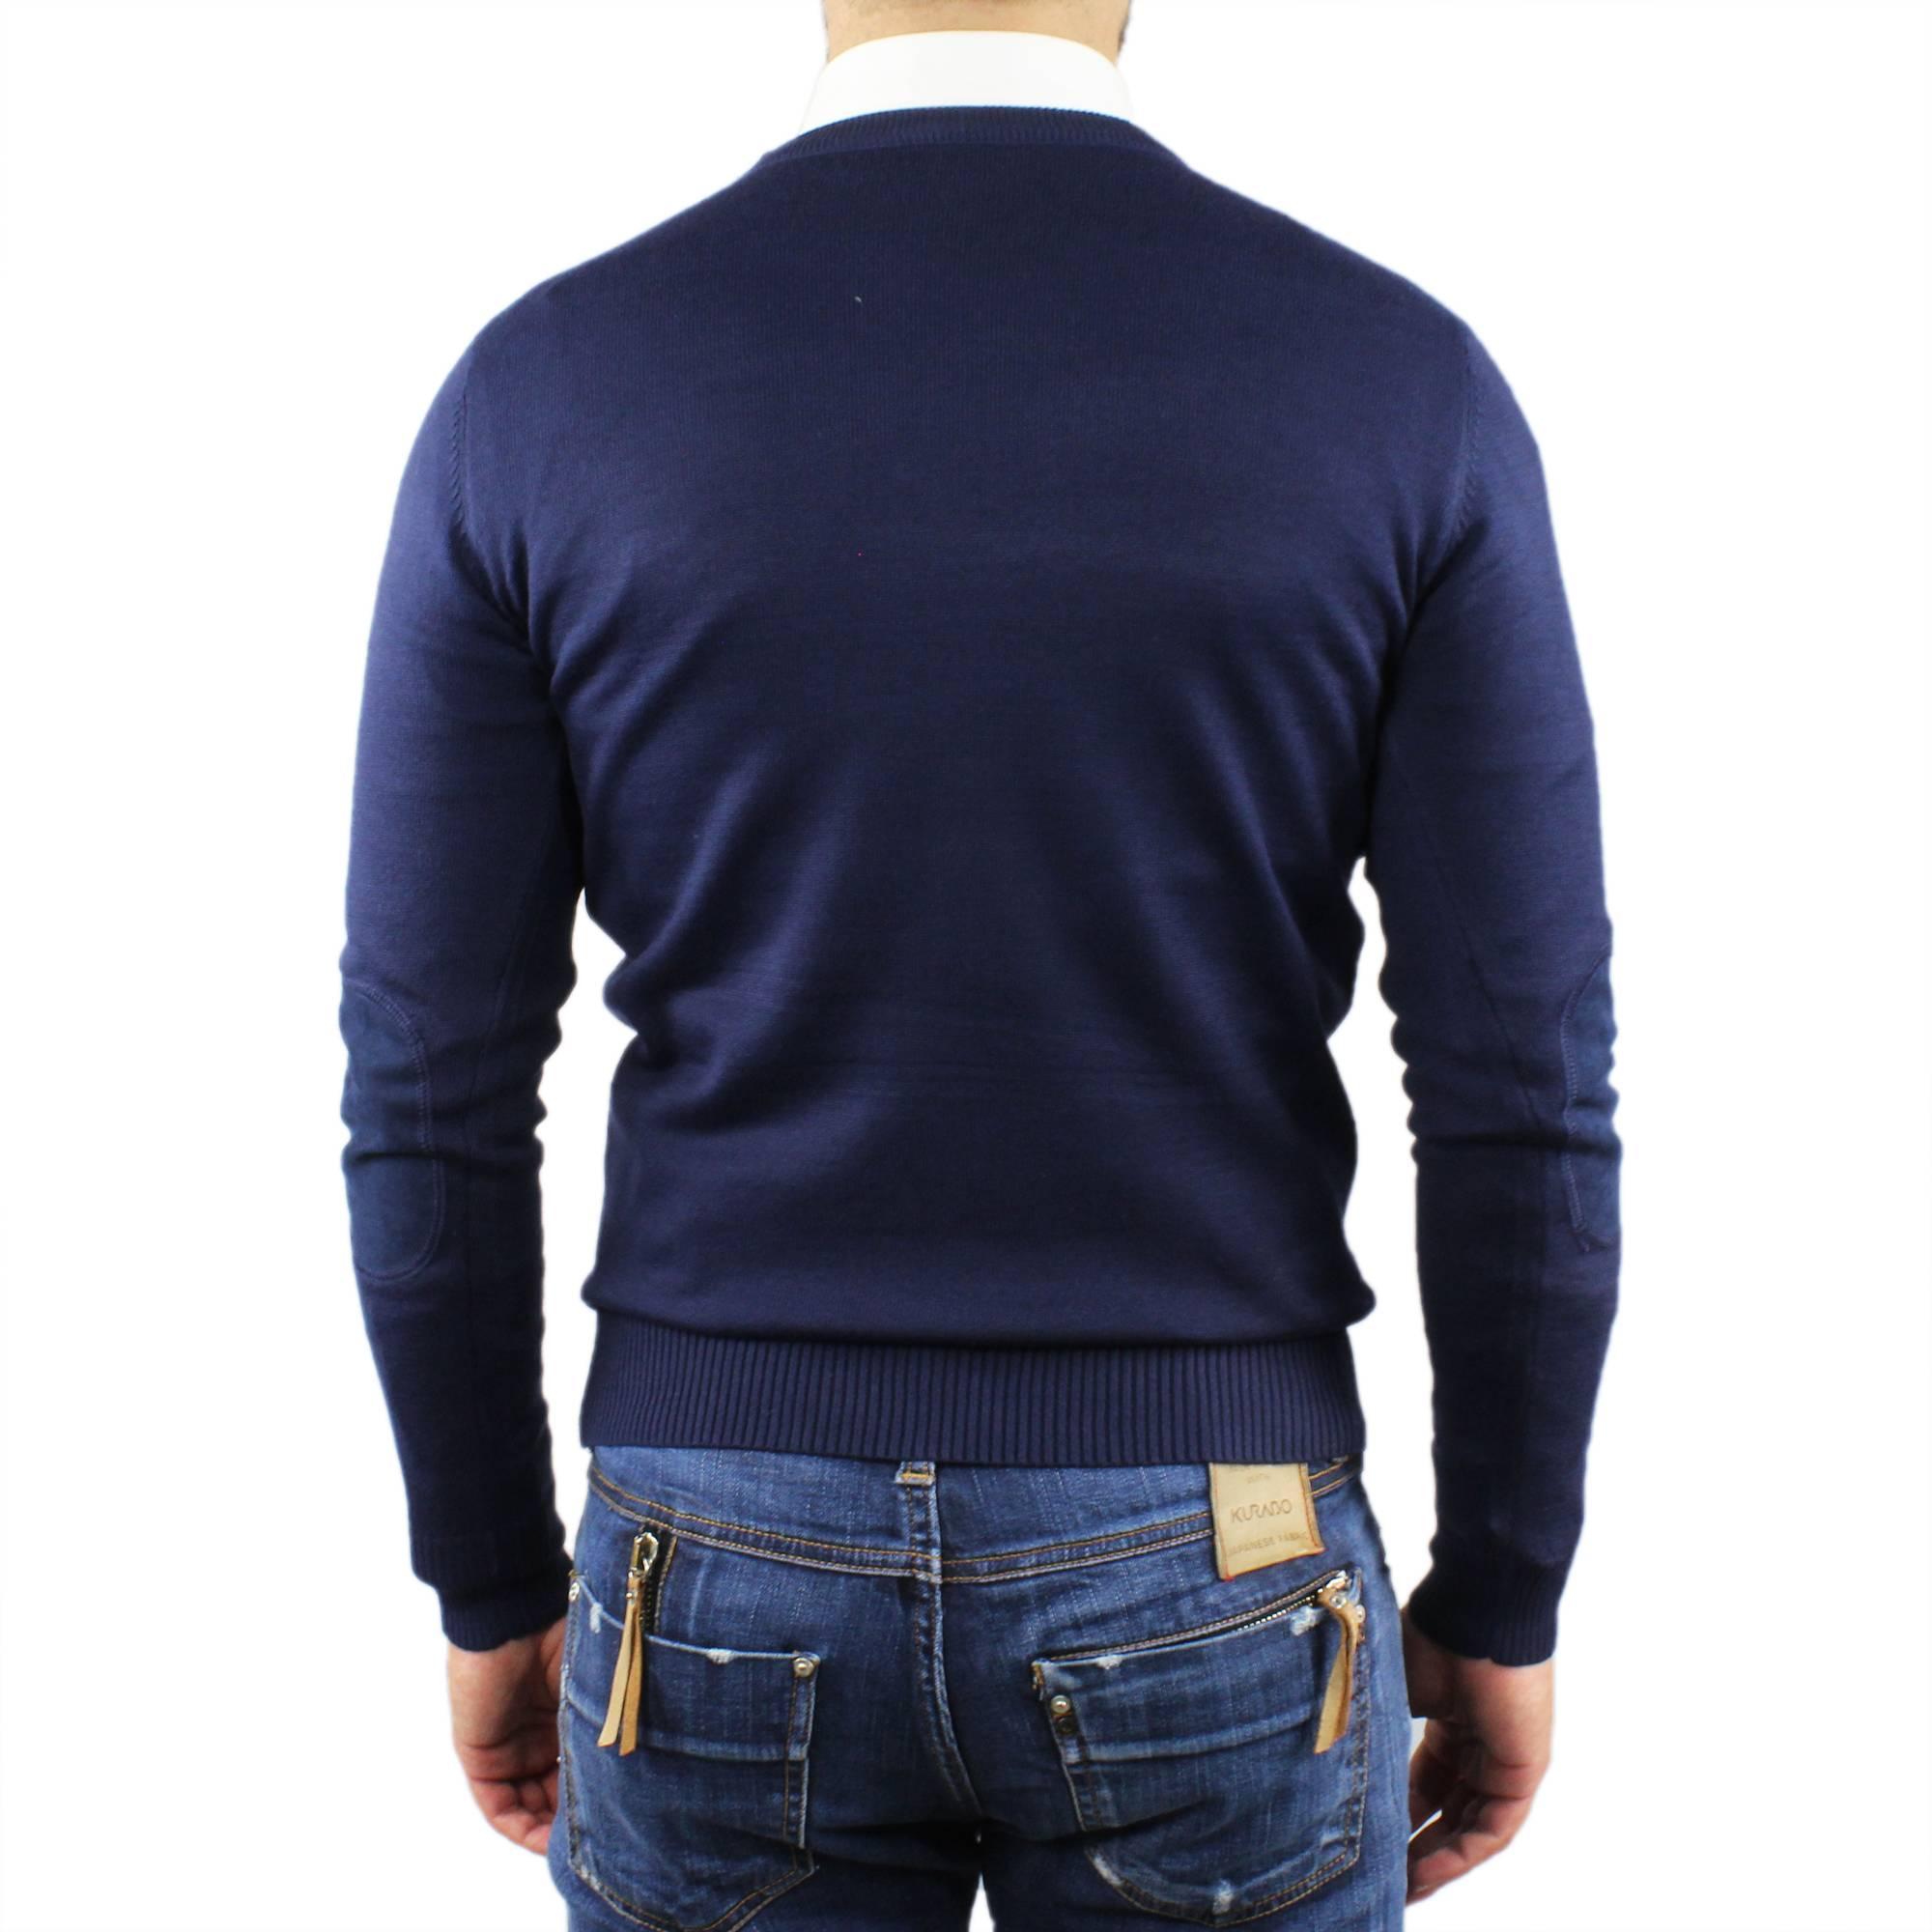 Maglia-Maglione-Uomo-Cotone-Toppe-Manica-Lunga-Maglioncino-Girocollo-Casual miniatura 7